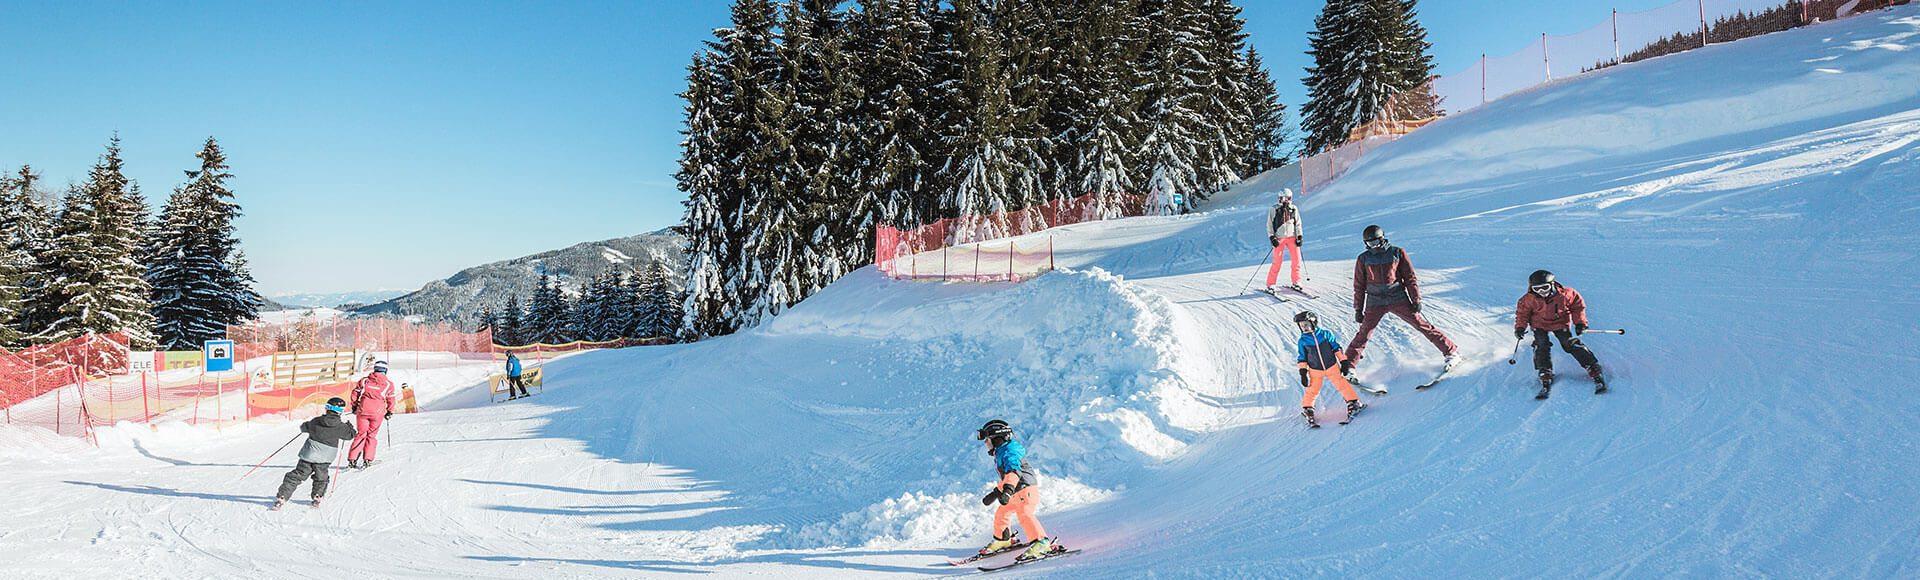 Skischulen Tourismusverband Radstadt Markus Rohrbacher 1